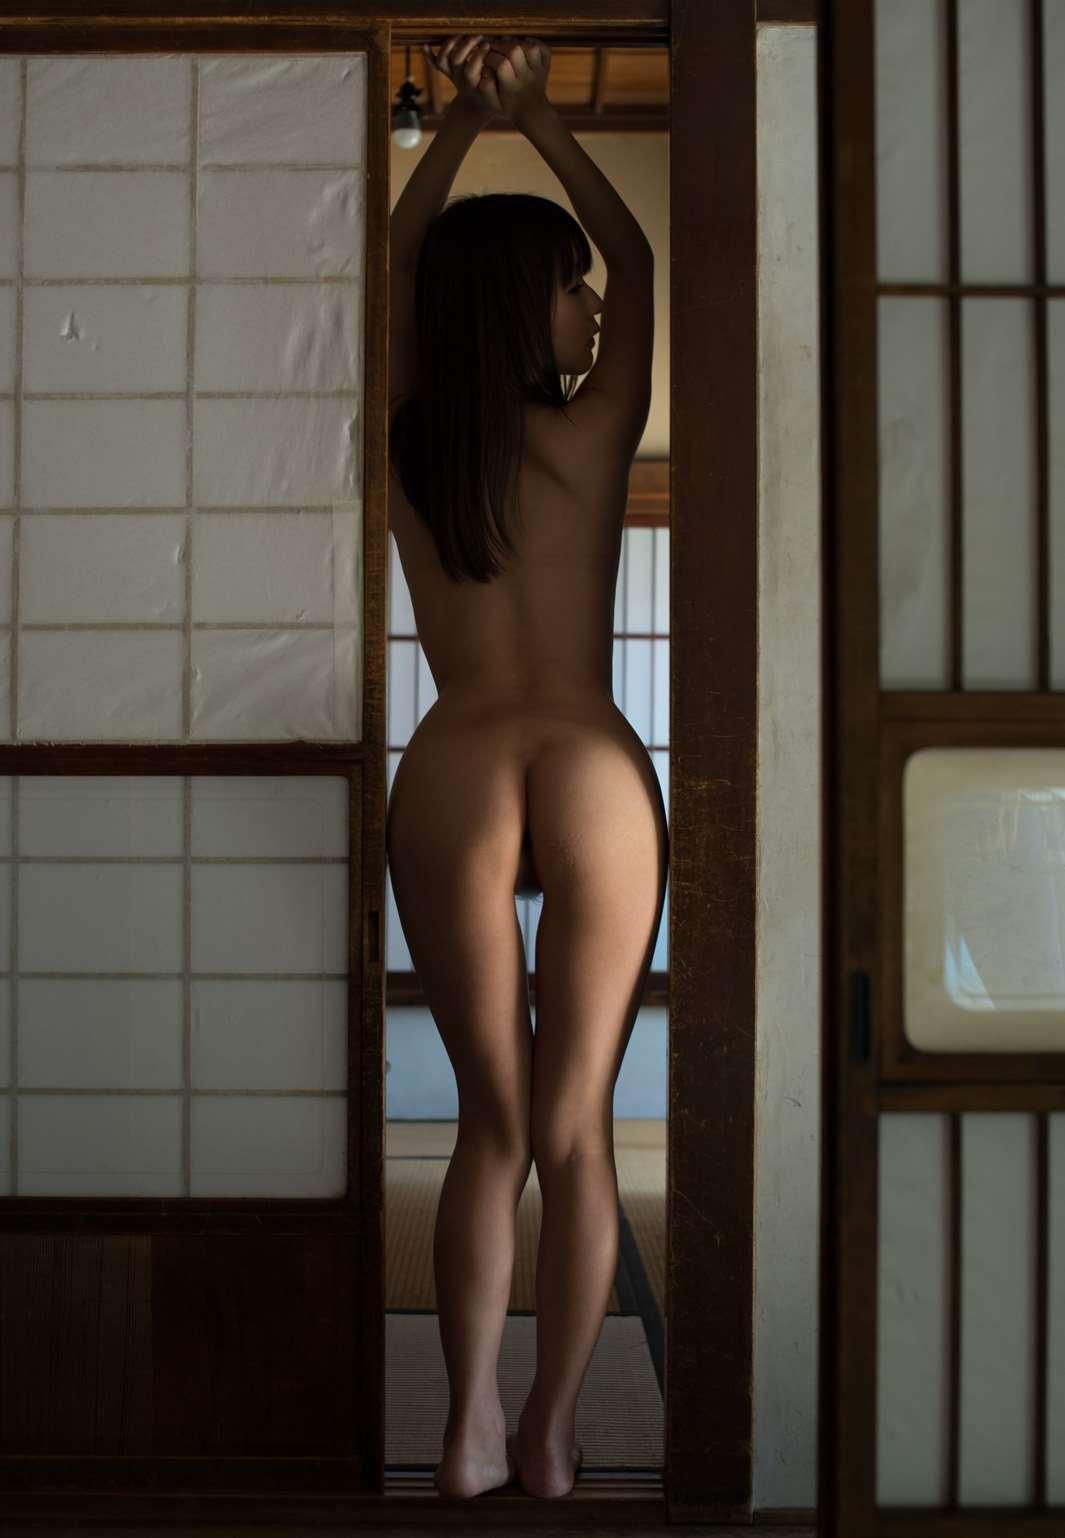 【つぼみエロ画像】永遠の処女で合法ロリなつぼみの魅力に迫る!(;´∀`)